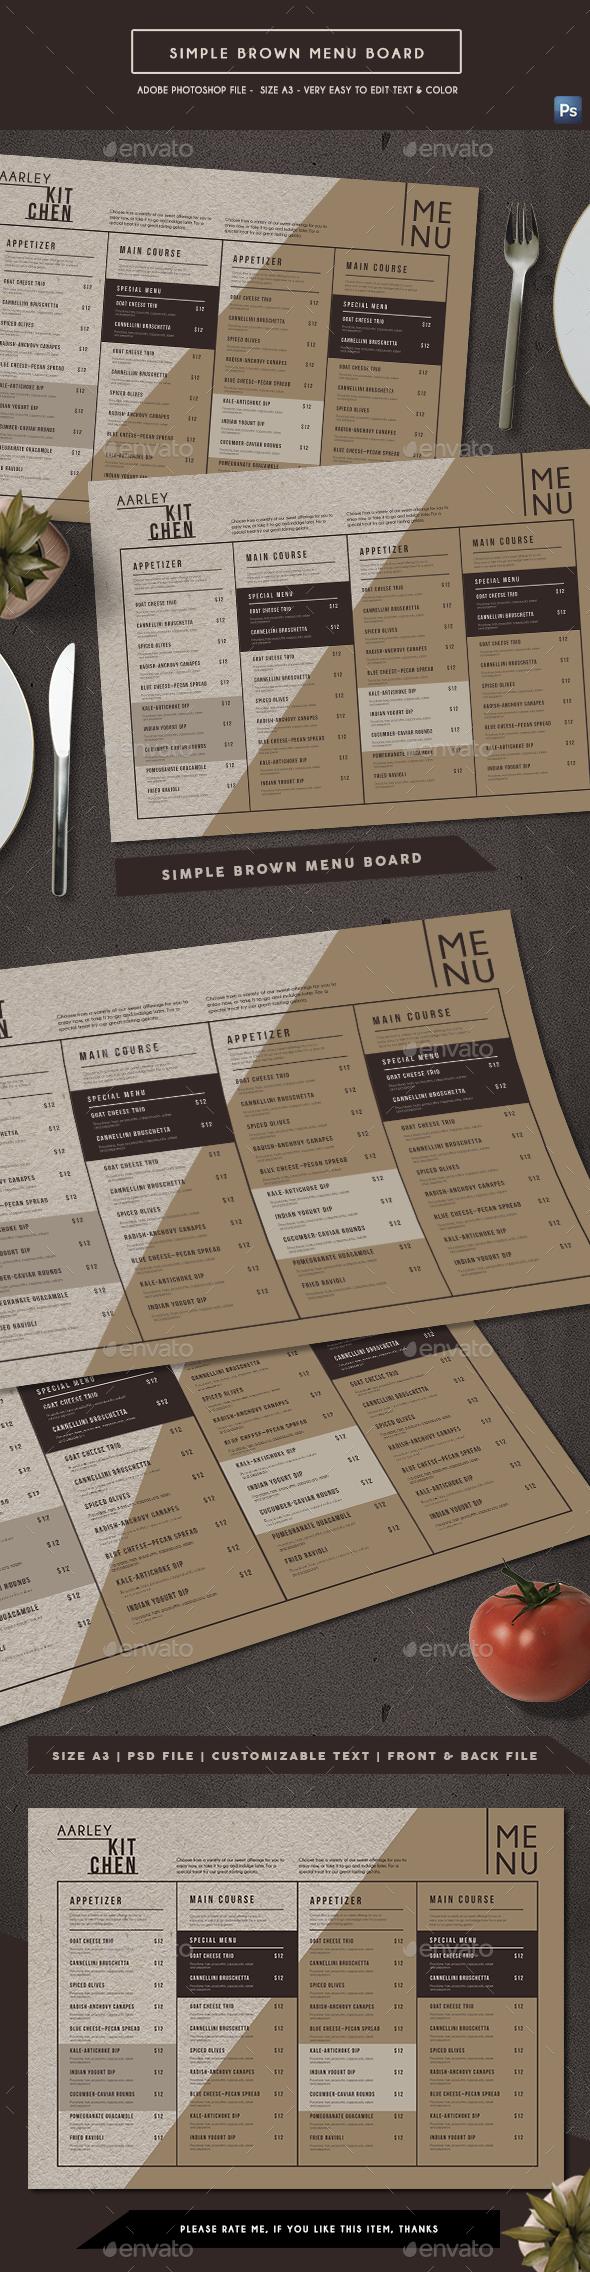 Simple Brown Menu Board - Food Menus Print Templates